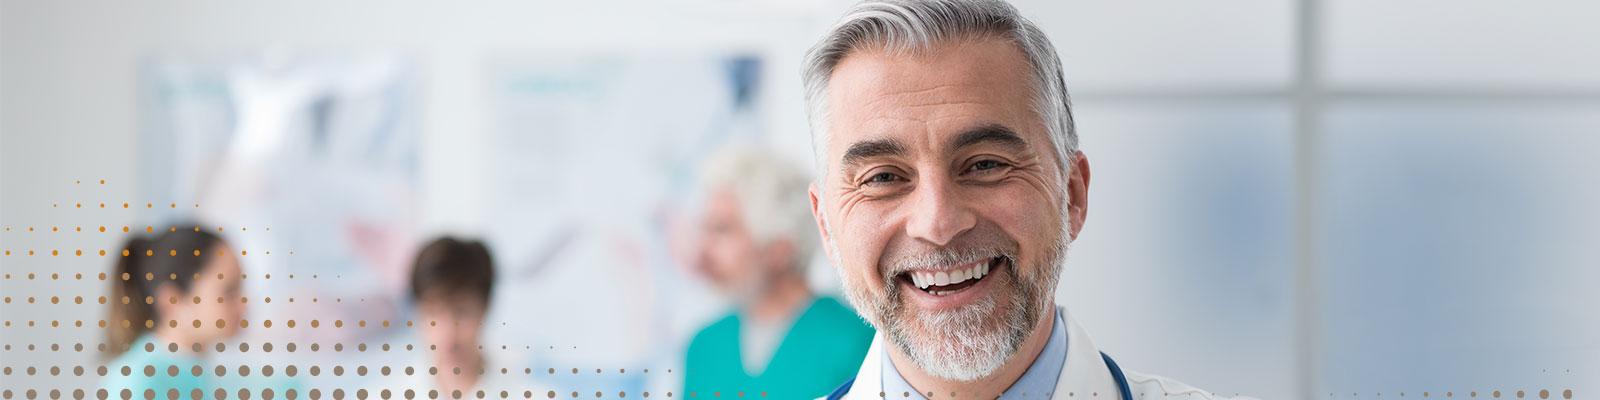 Samples & patient savings - Tirosint® Capsules